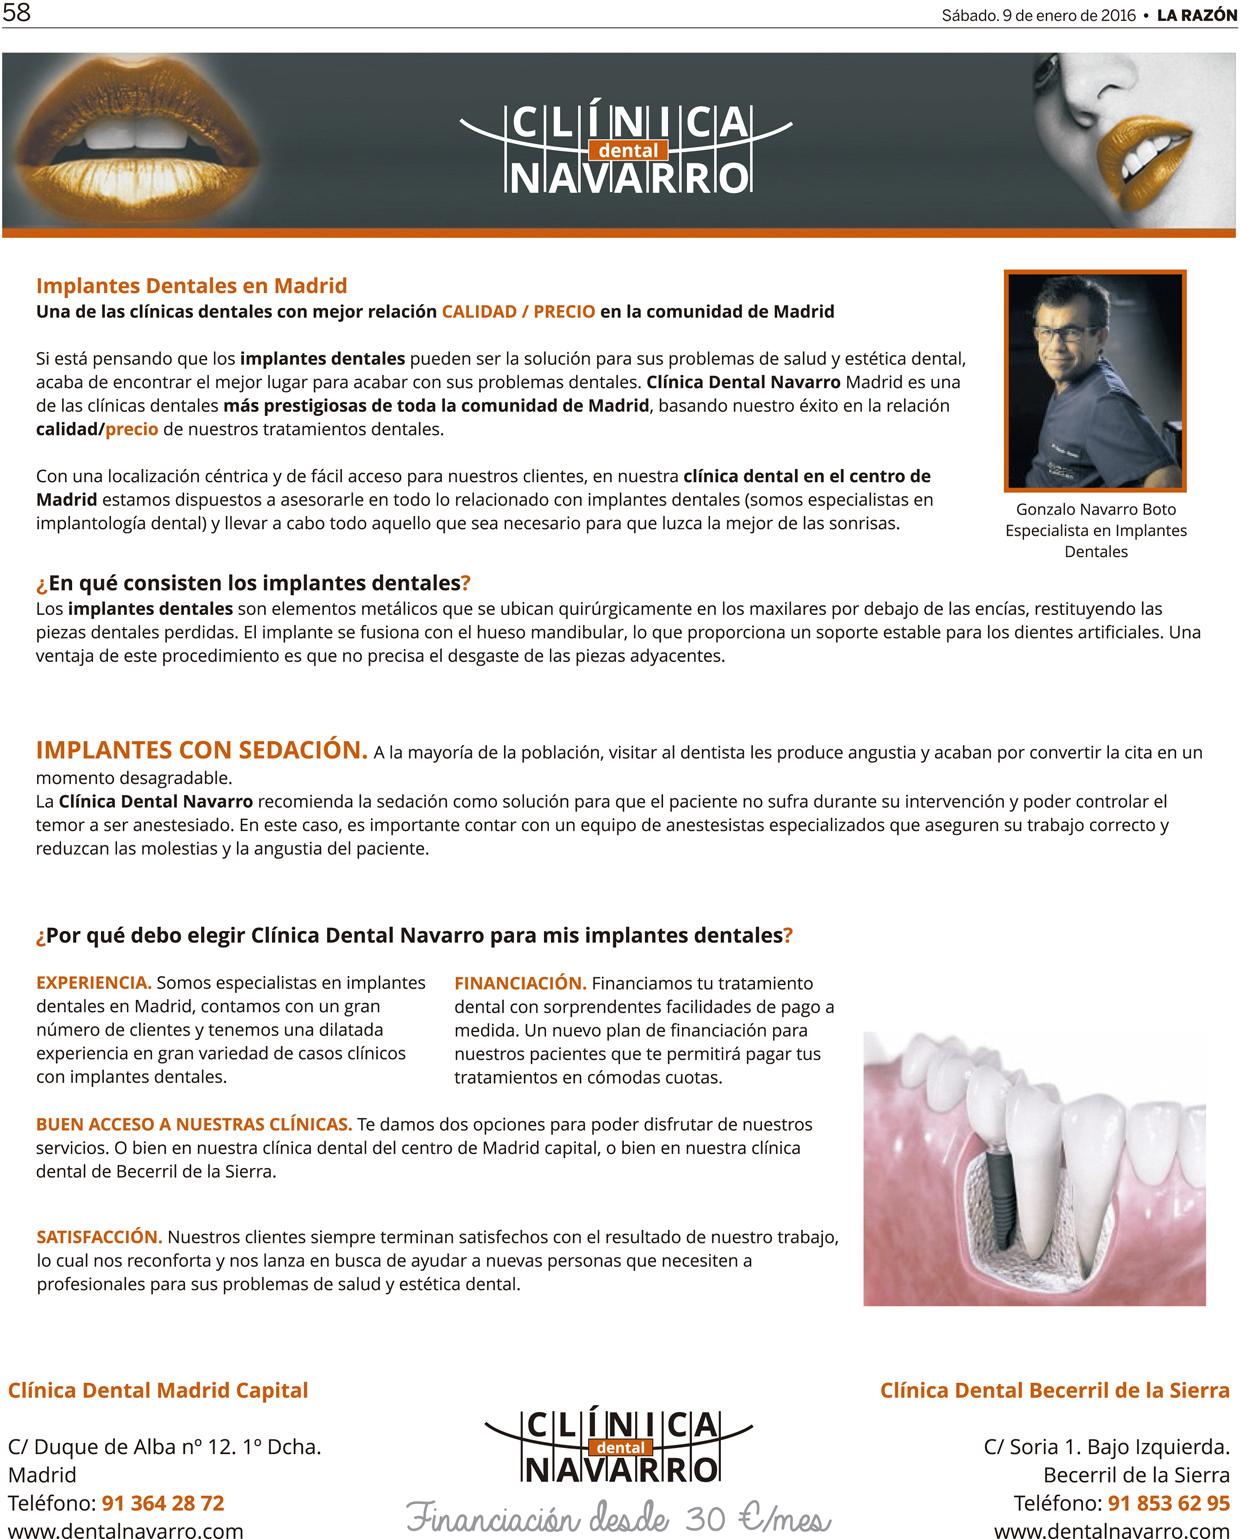 publicacion dental Navarro Mardrid diario La Razón